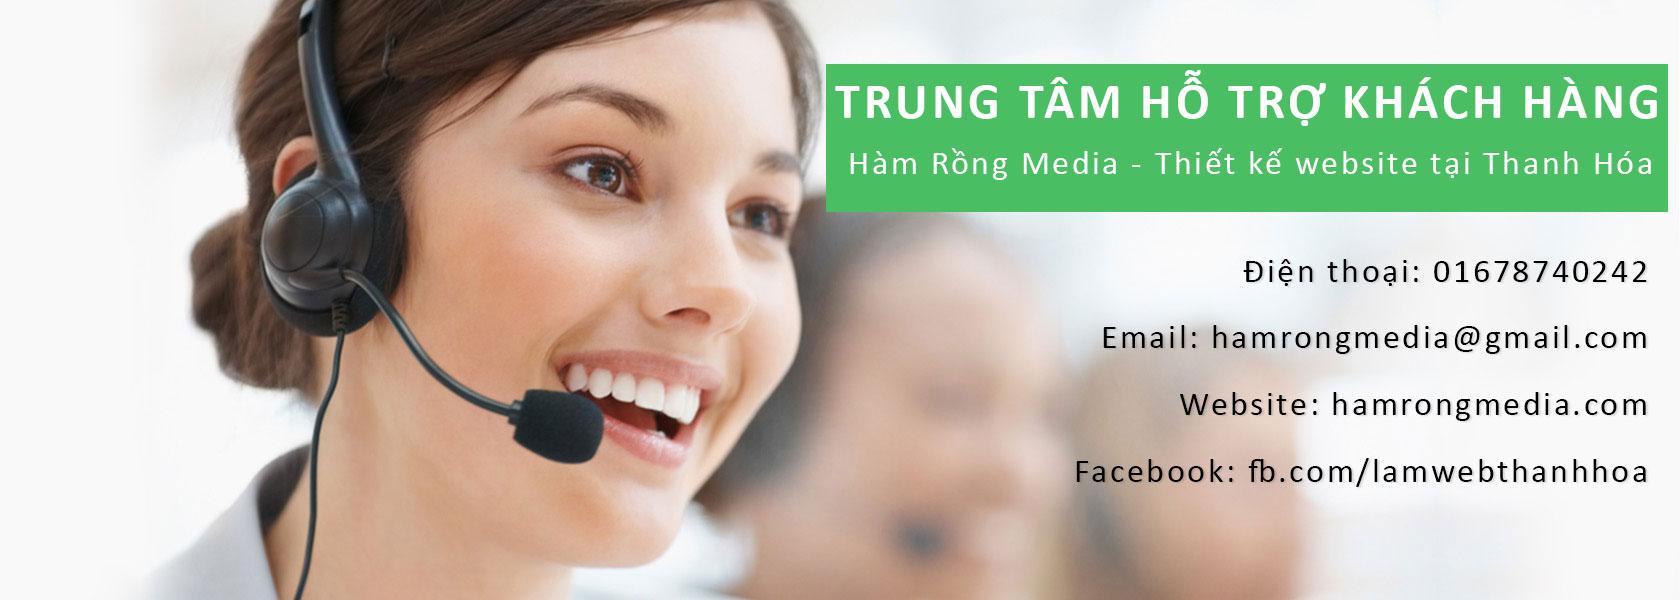 Trung tâm hỗ trợ khách hàng - hamrongmedia.com